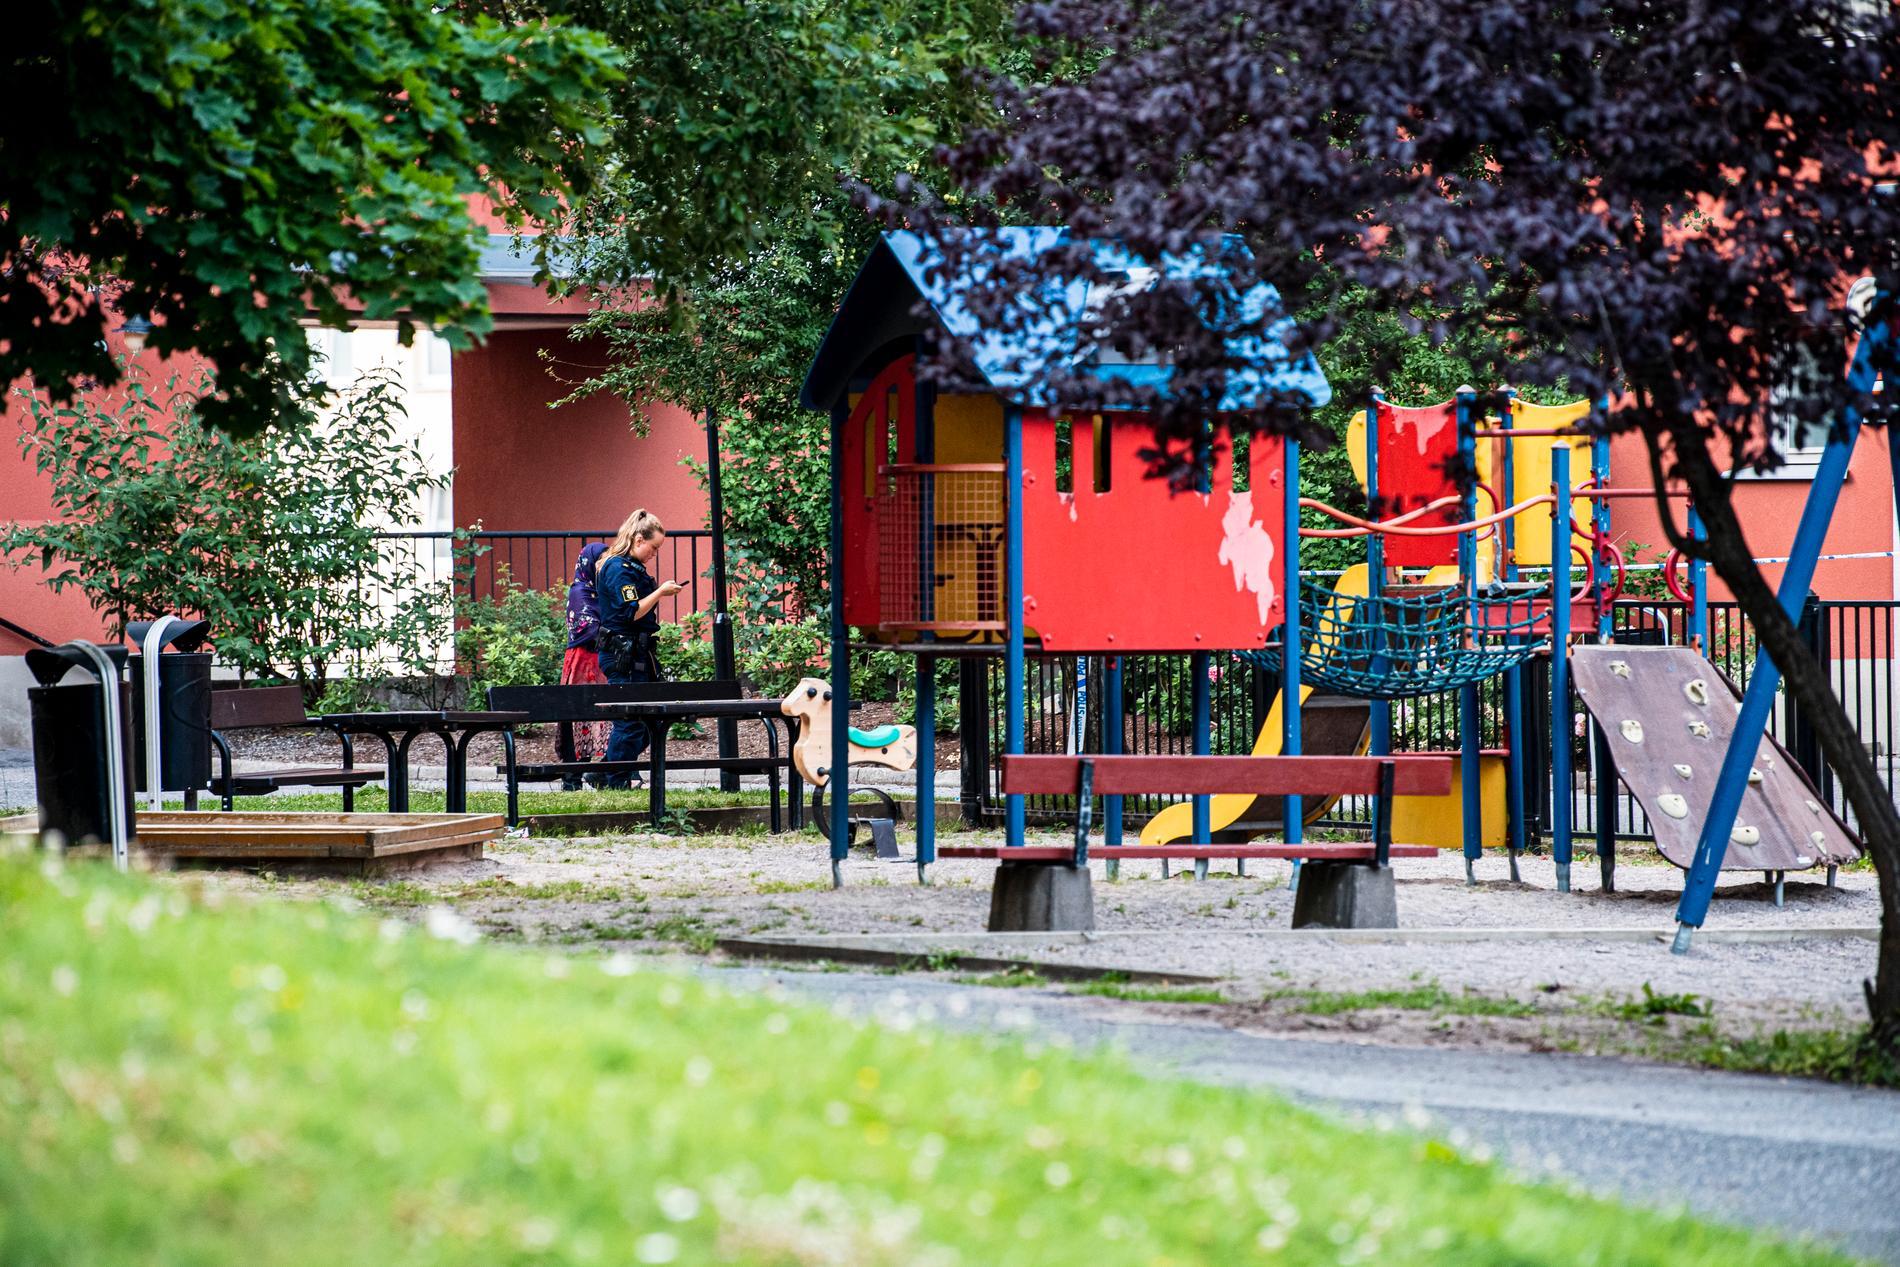 Lekplatsen där barnen lekte strax innan de sköts.